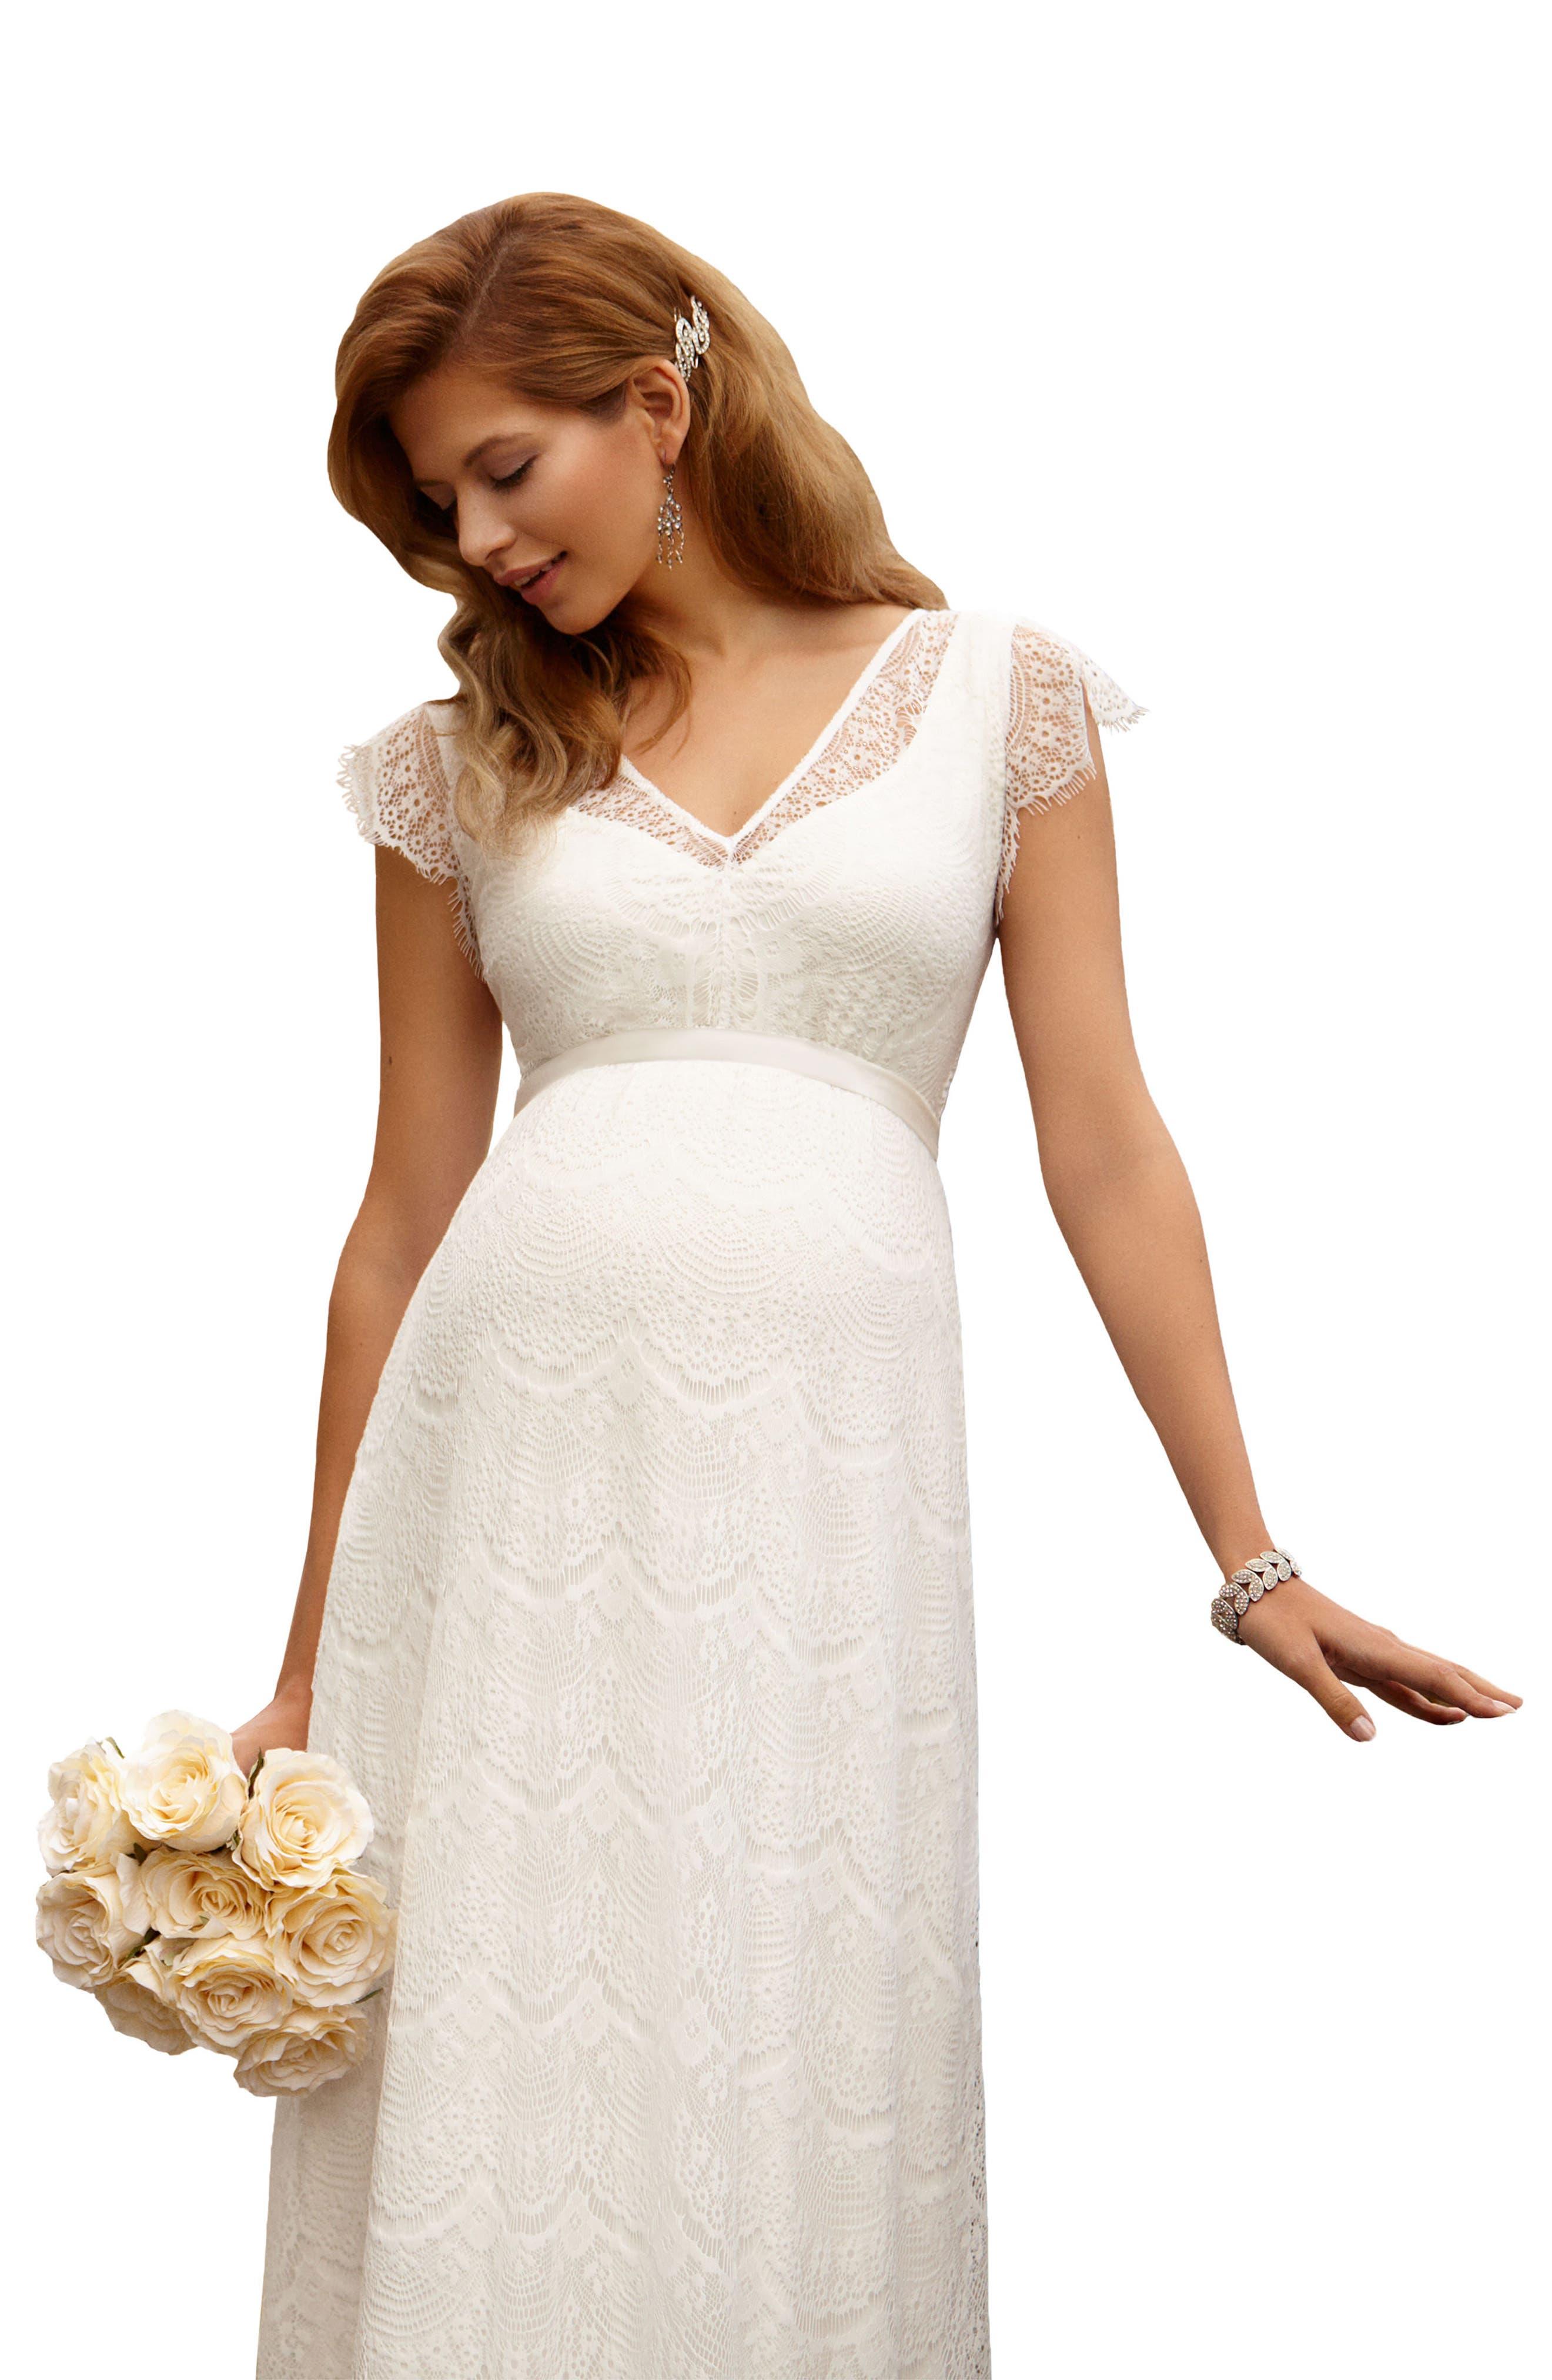 White Maternity Dresses for Brides